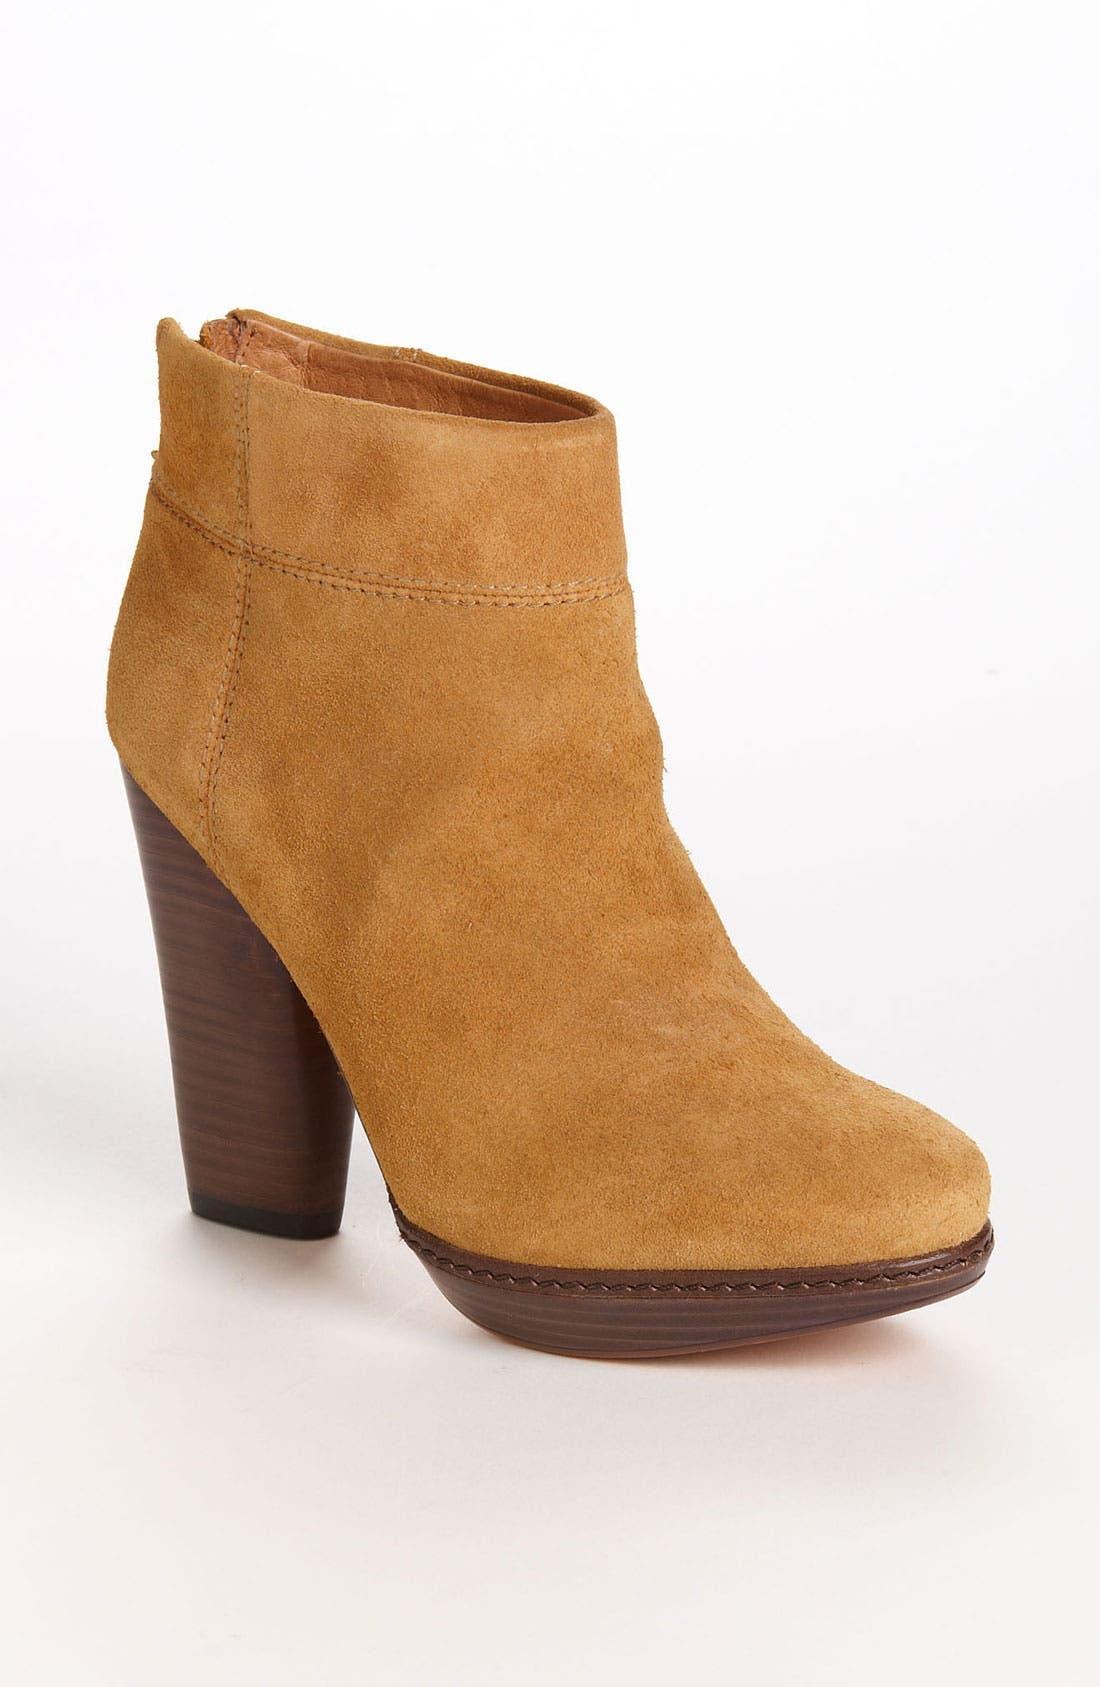 Alternate Image 1 Selected - Modern Vintage 'Allison' Boot